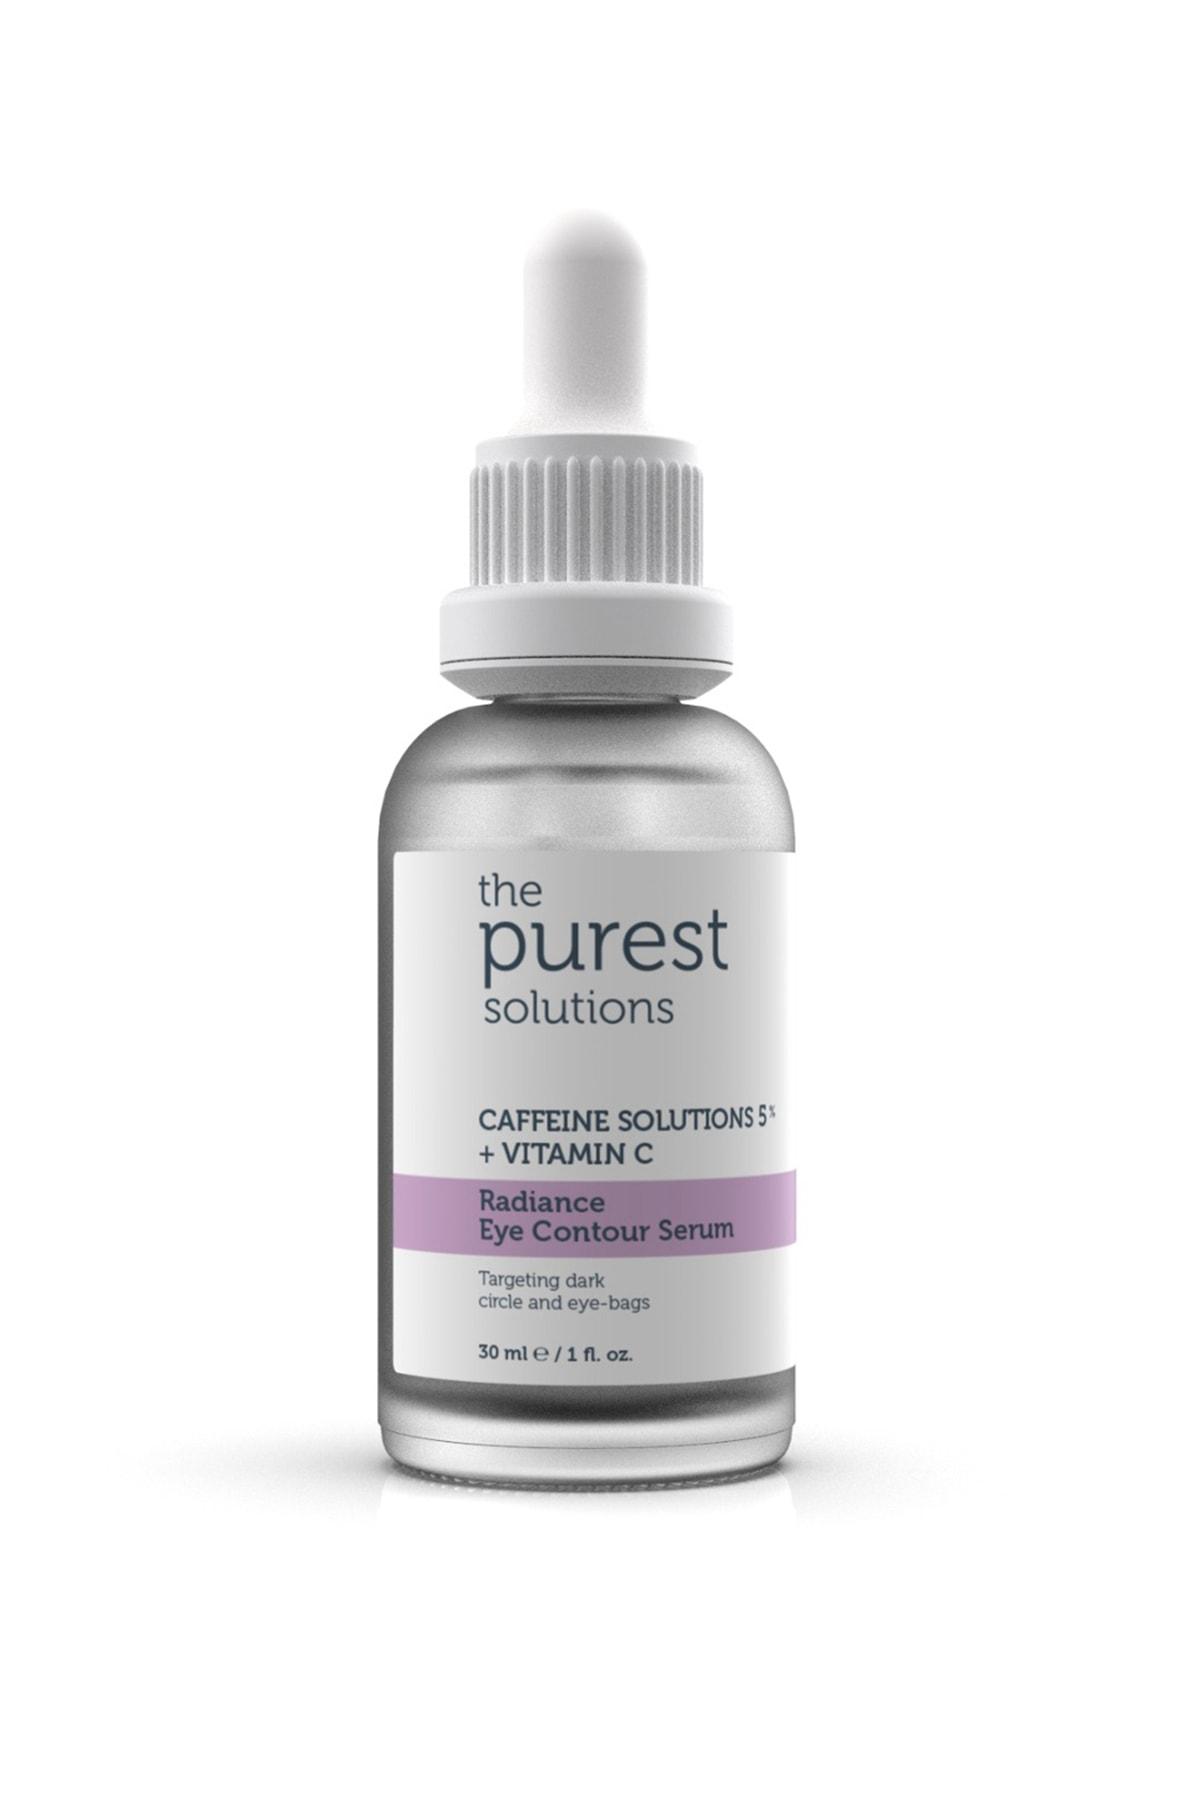 The Purest Solutions Göz Altı Torbalanma Ve Morluk Karşıtı Bakım Serumu 30 Ml (caffeine Solutions 5% + Vitamin C) 2